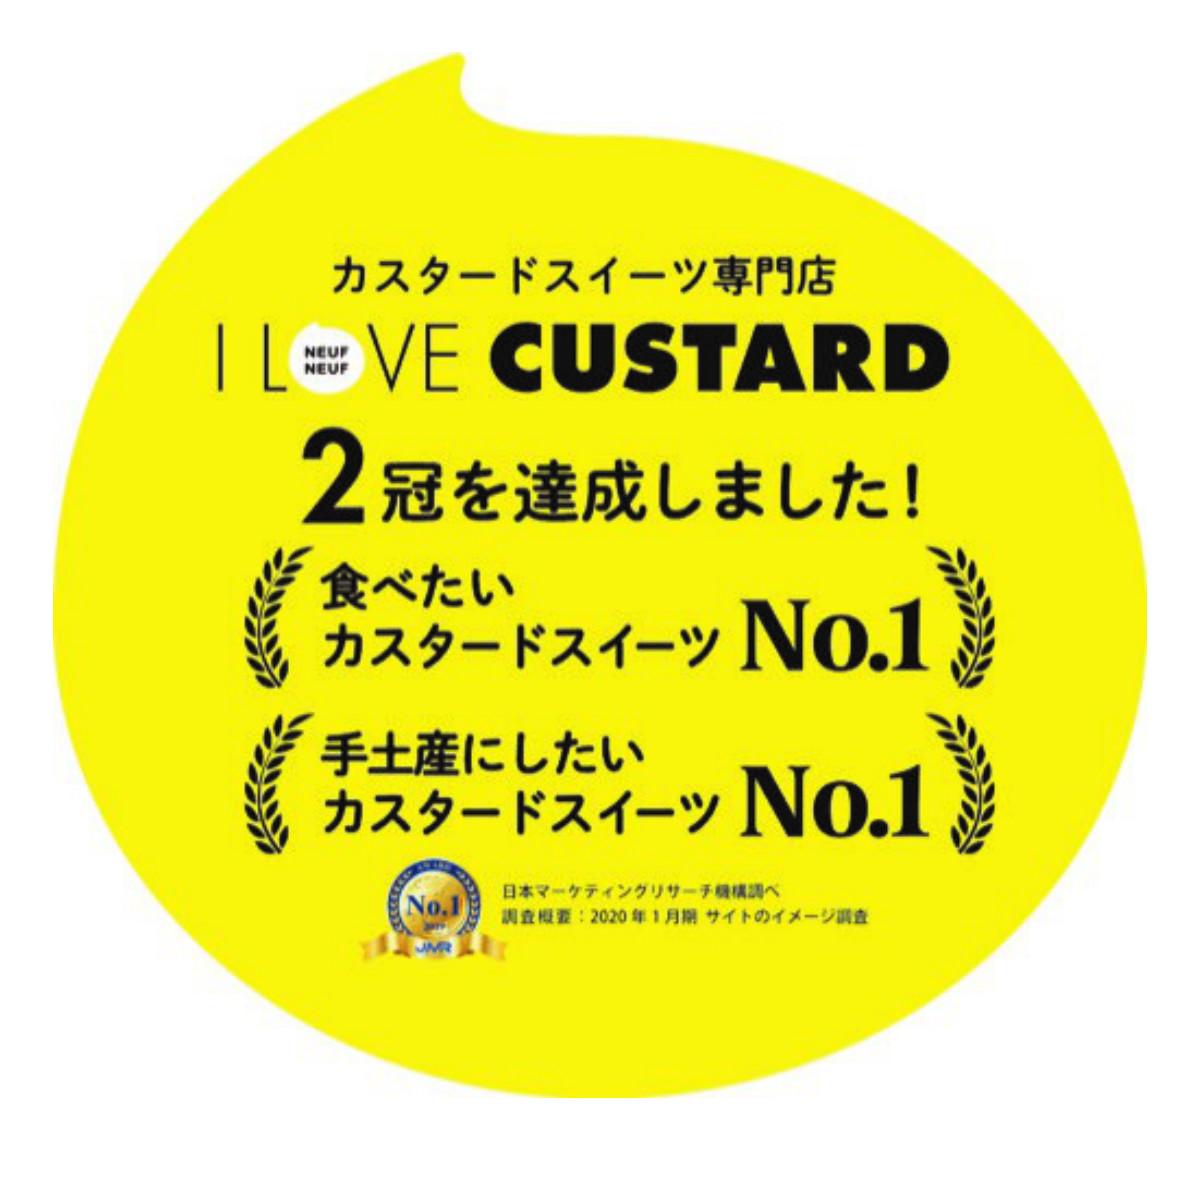 カスタードクッキー21枚入り(福岡便)